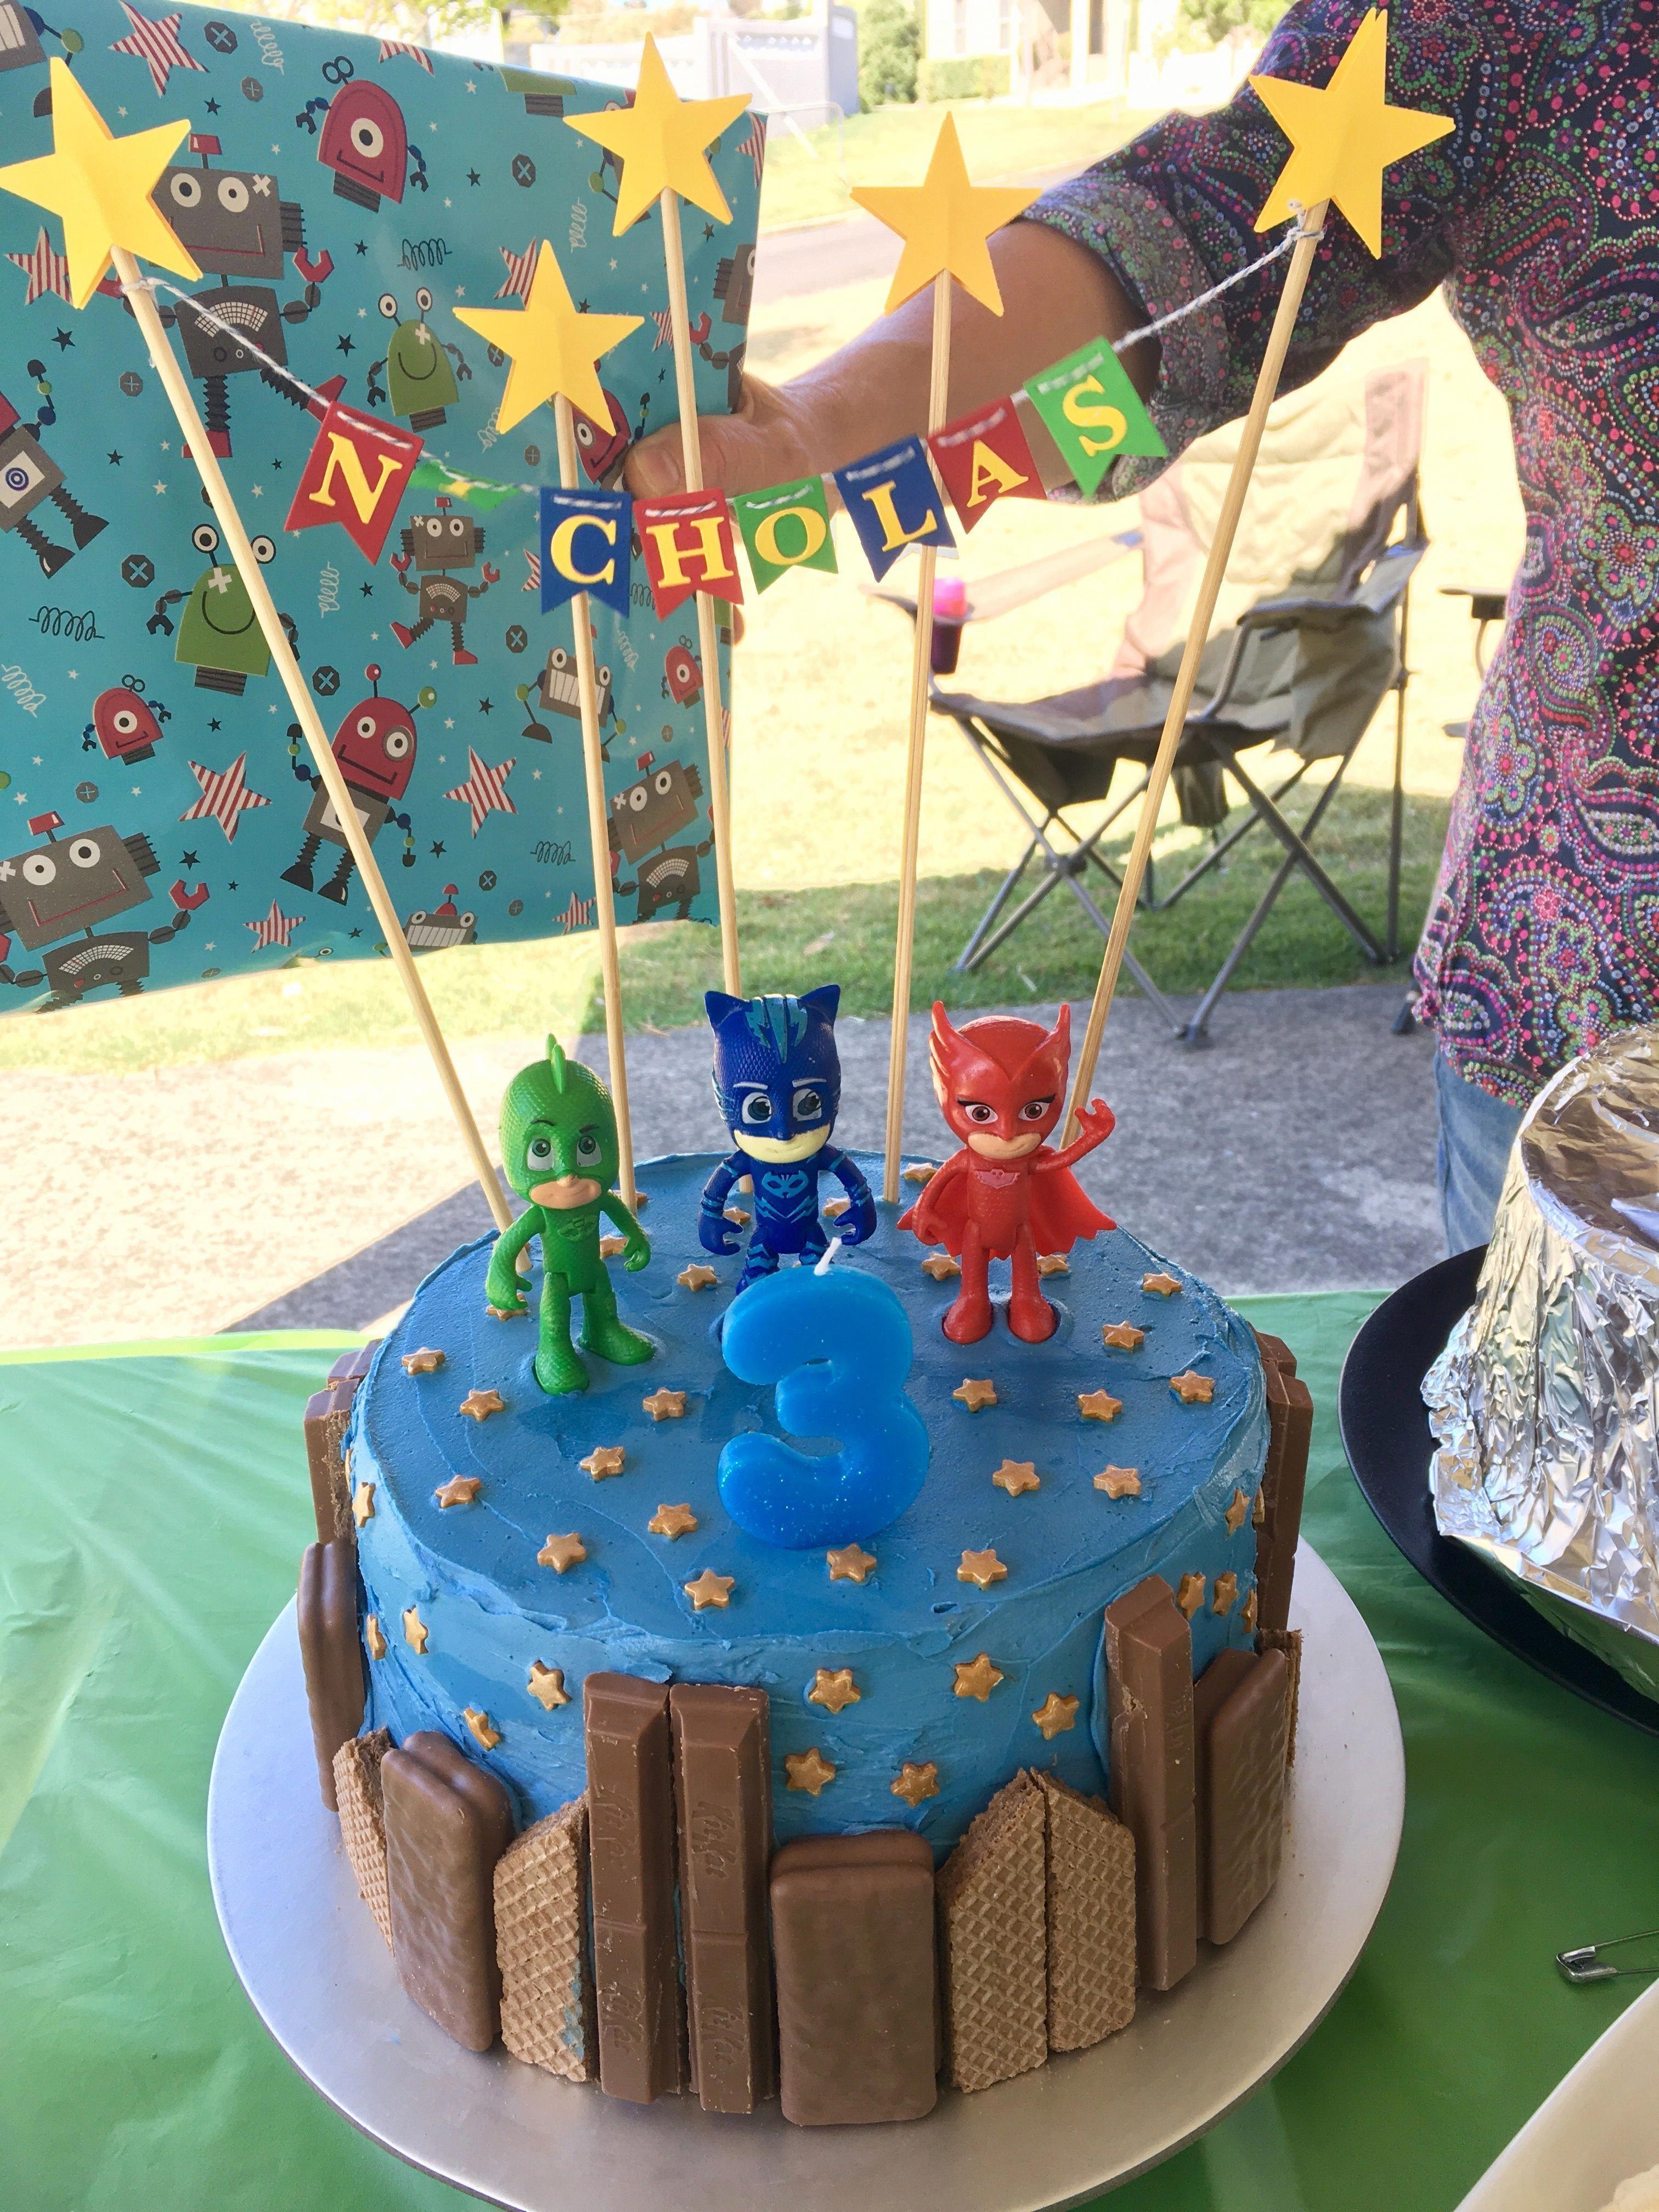 Pin de Eu em cake ideas | Bolo